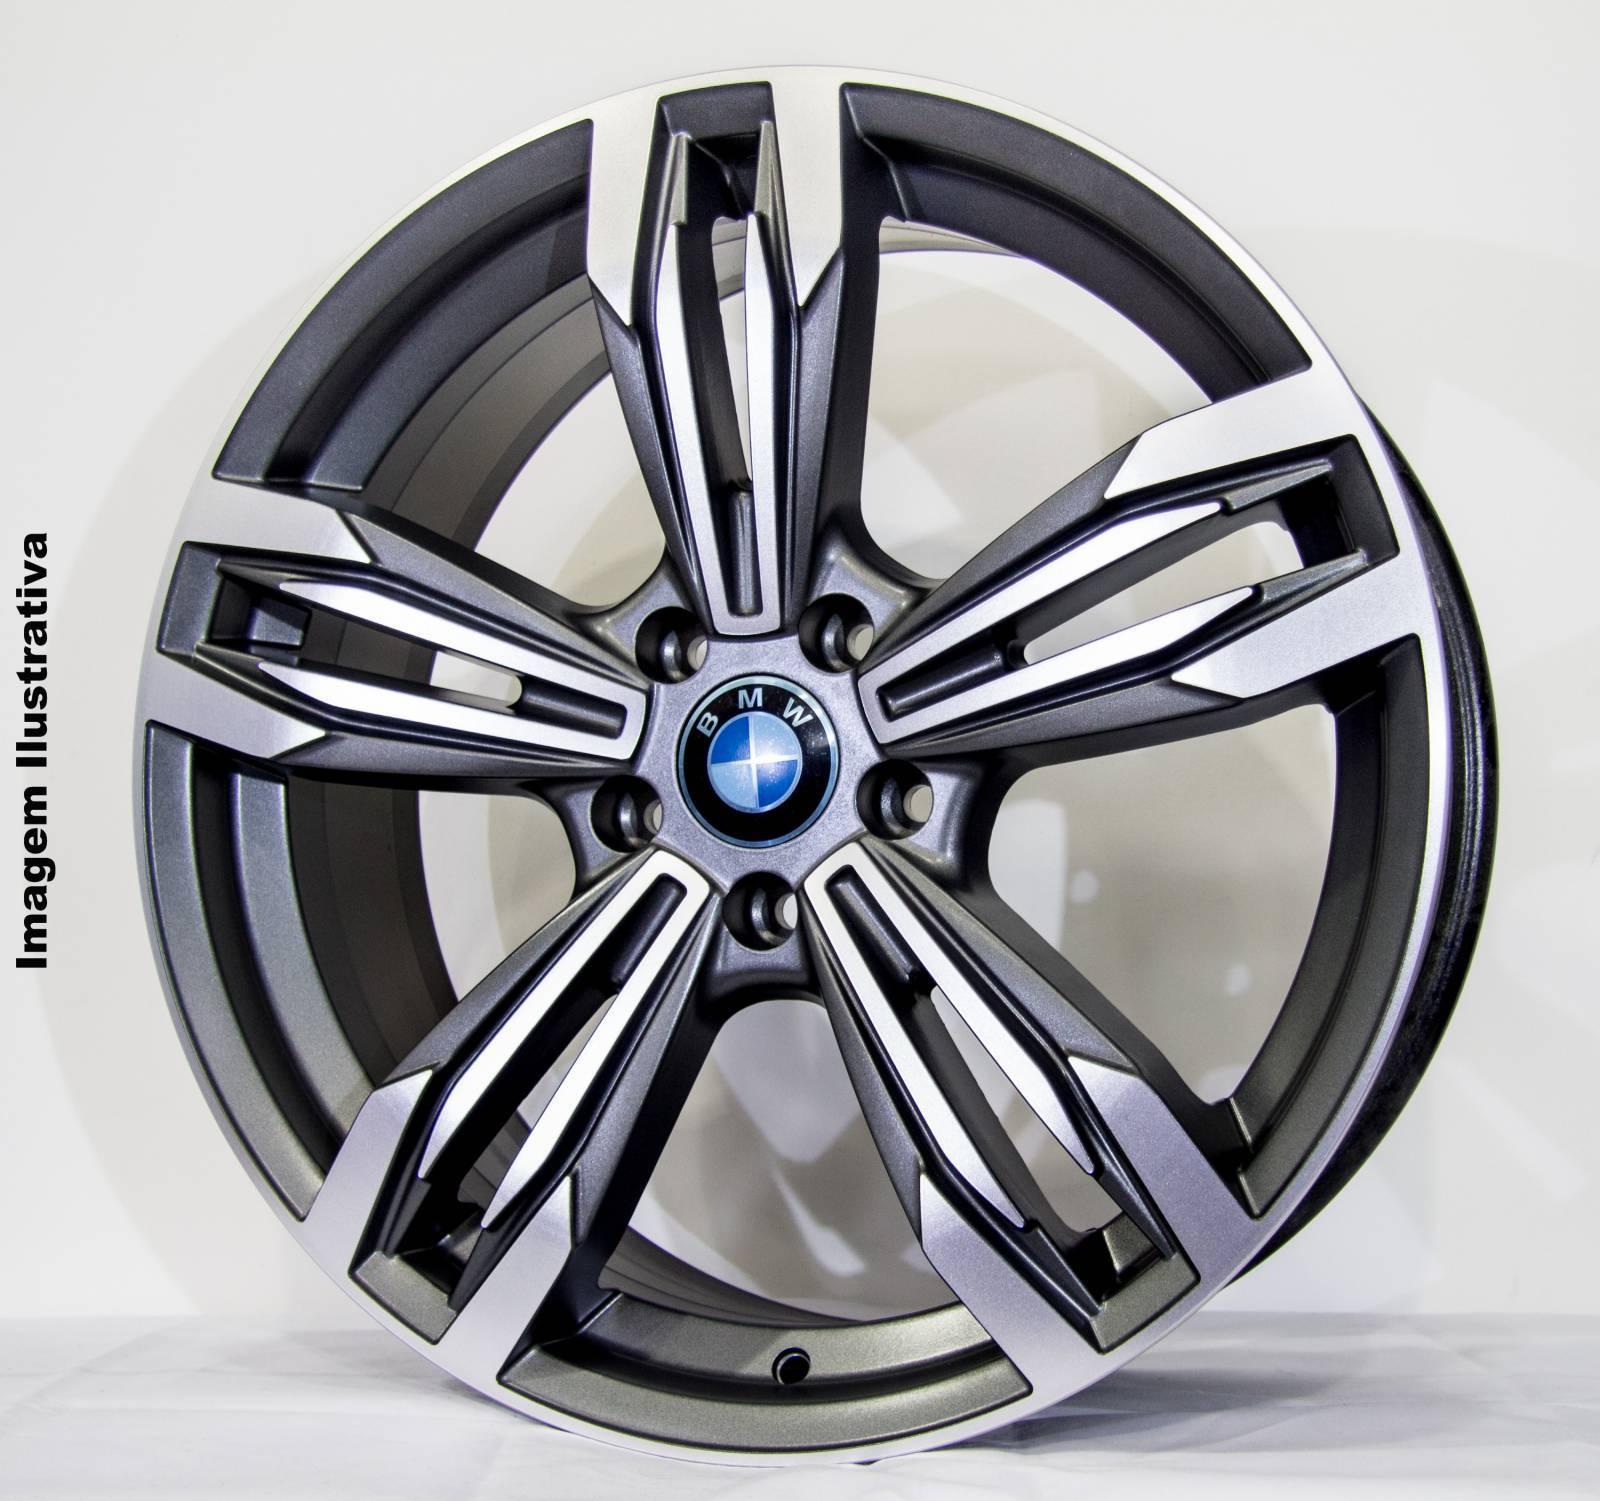 JOGO DE RODA BMW M6 ARO 17 R56